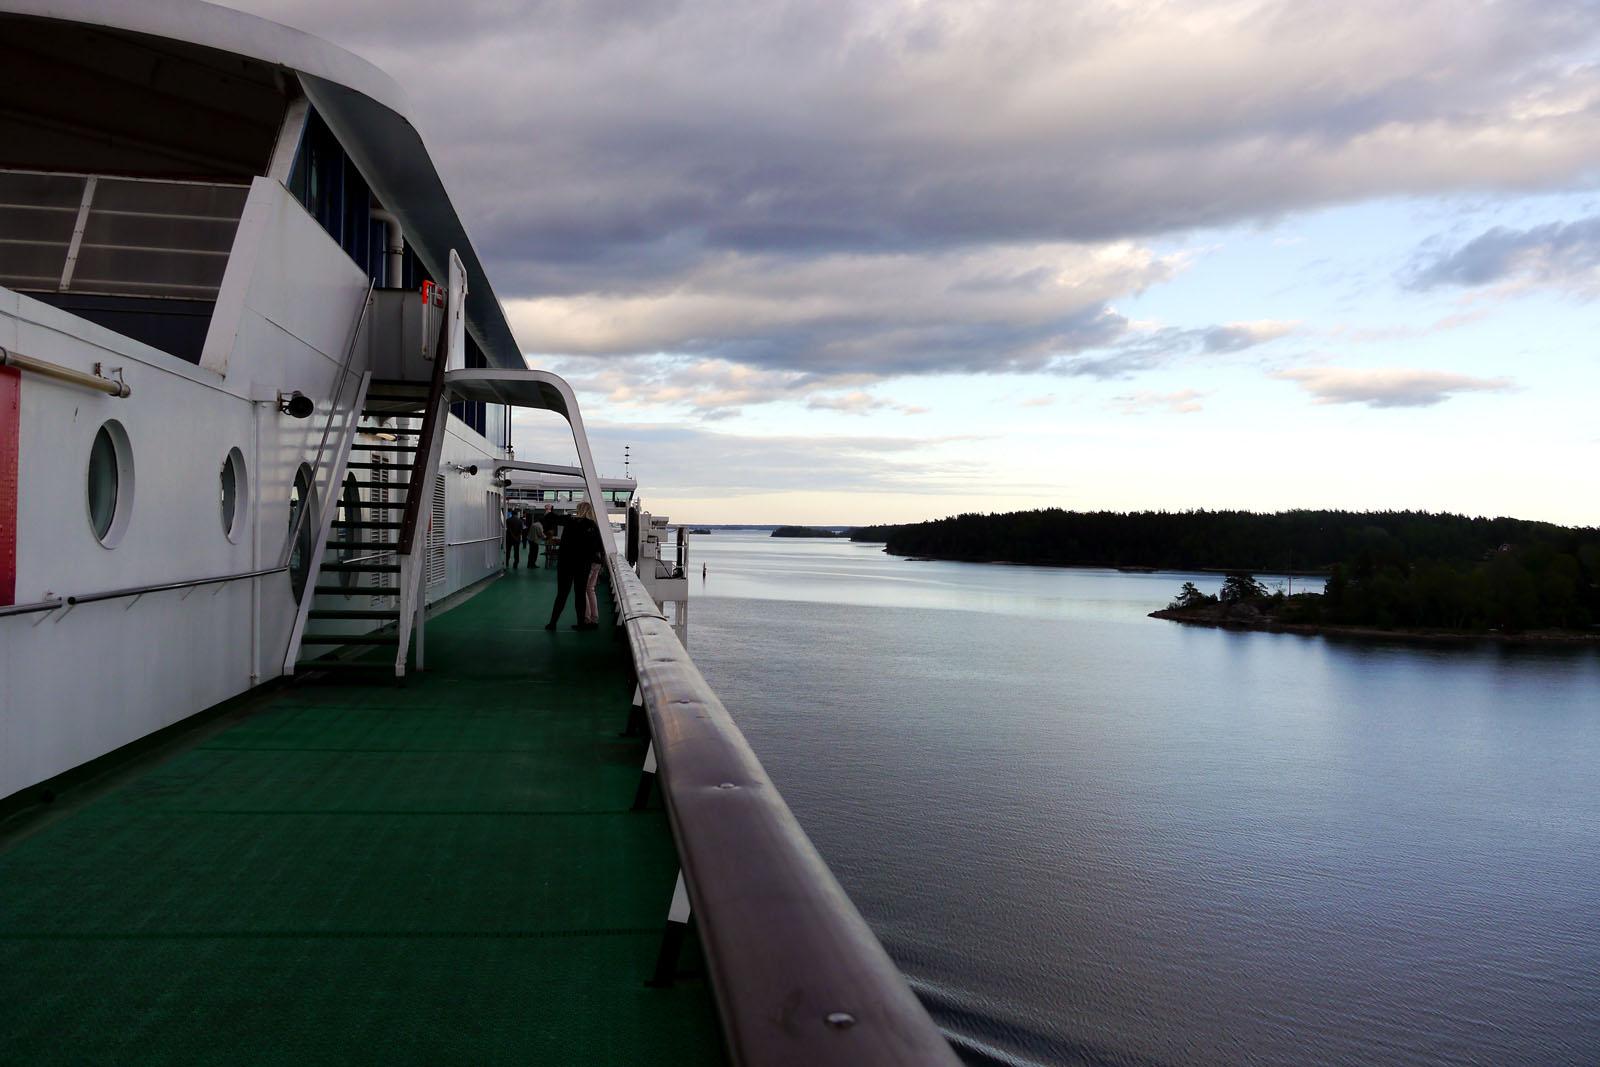 Stockholm-Aland Inseln-Silja Serenade